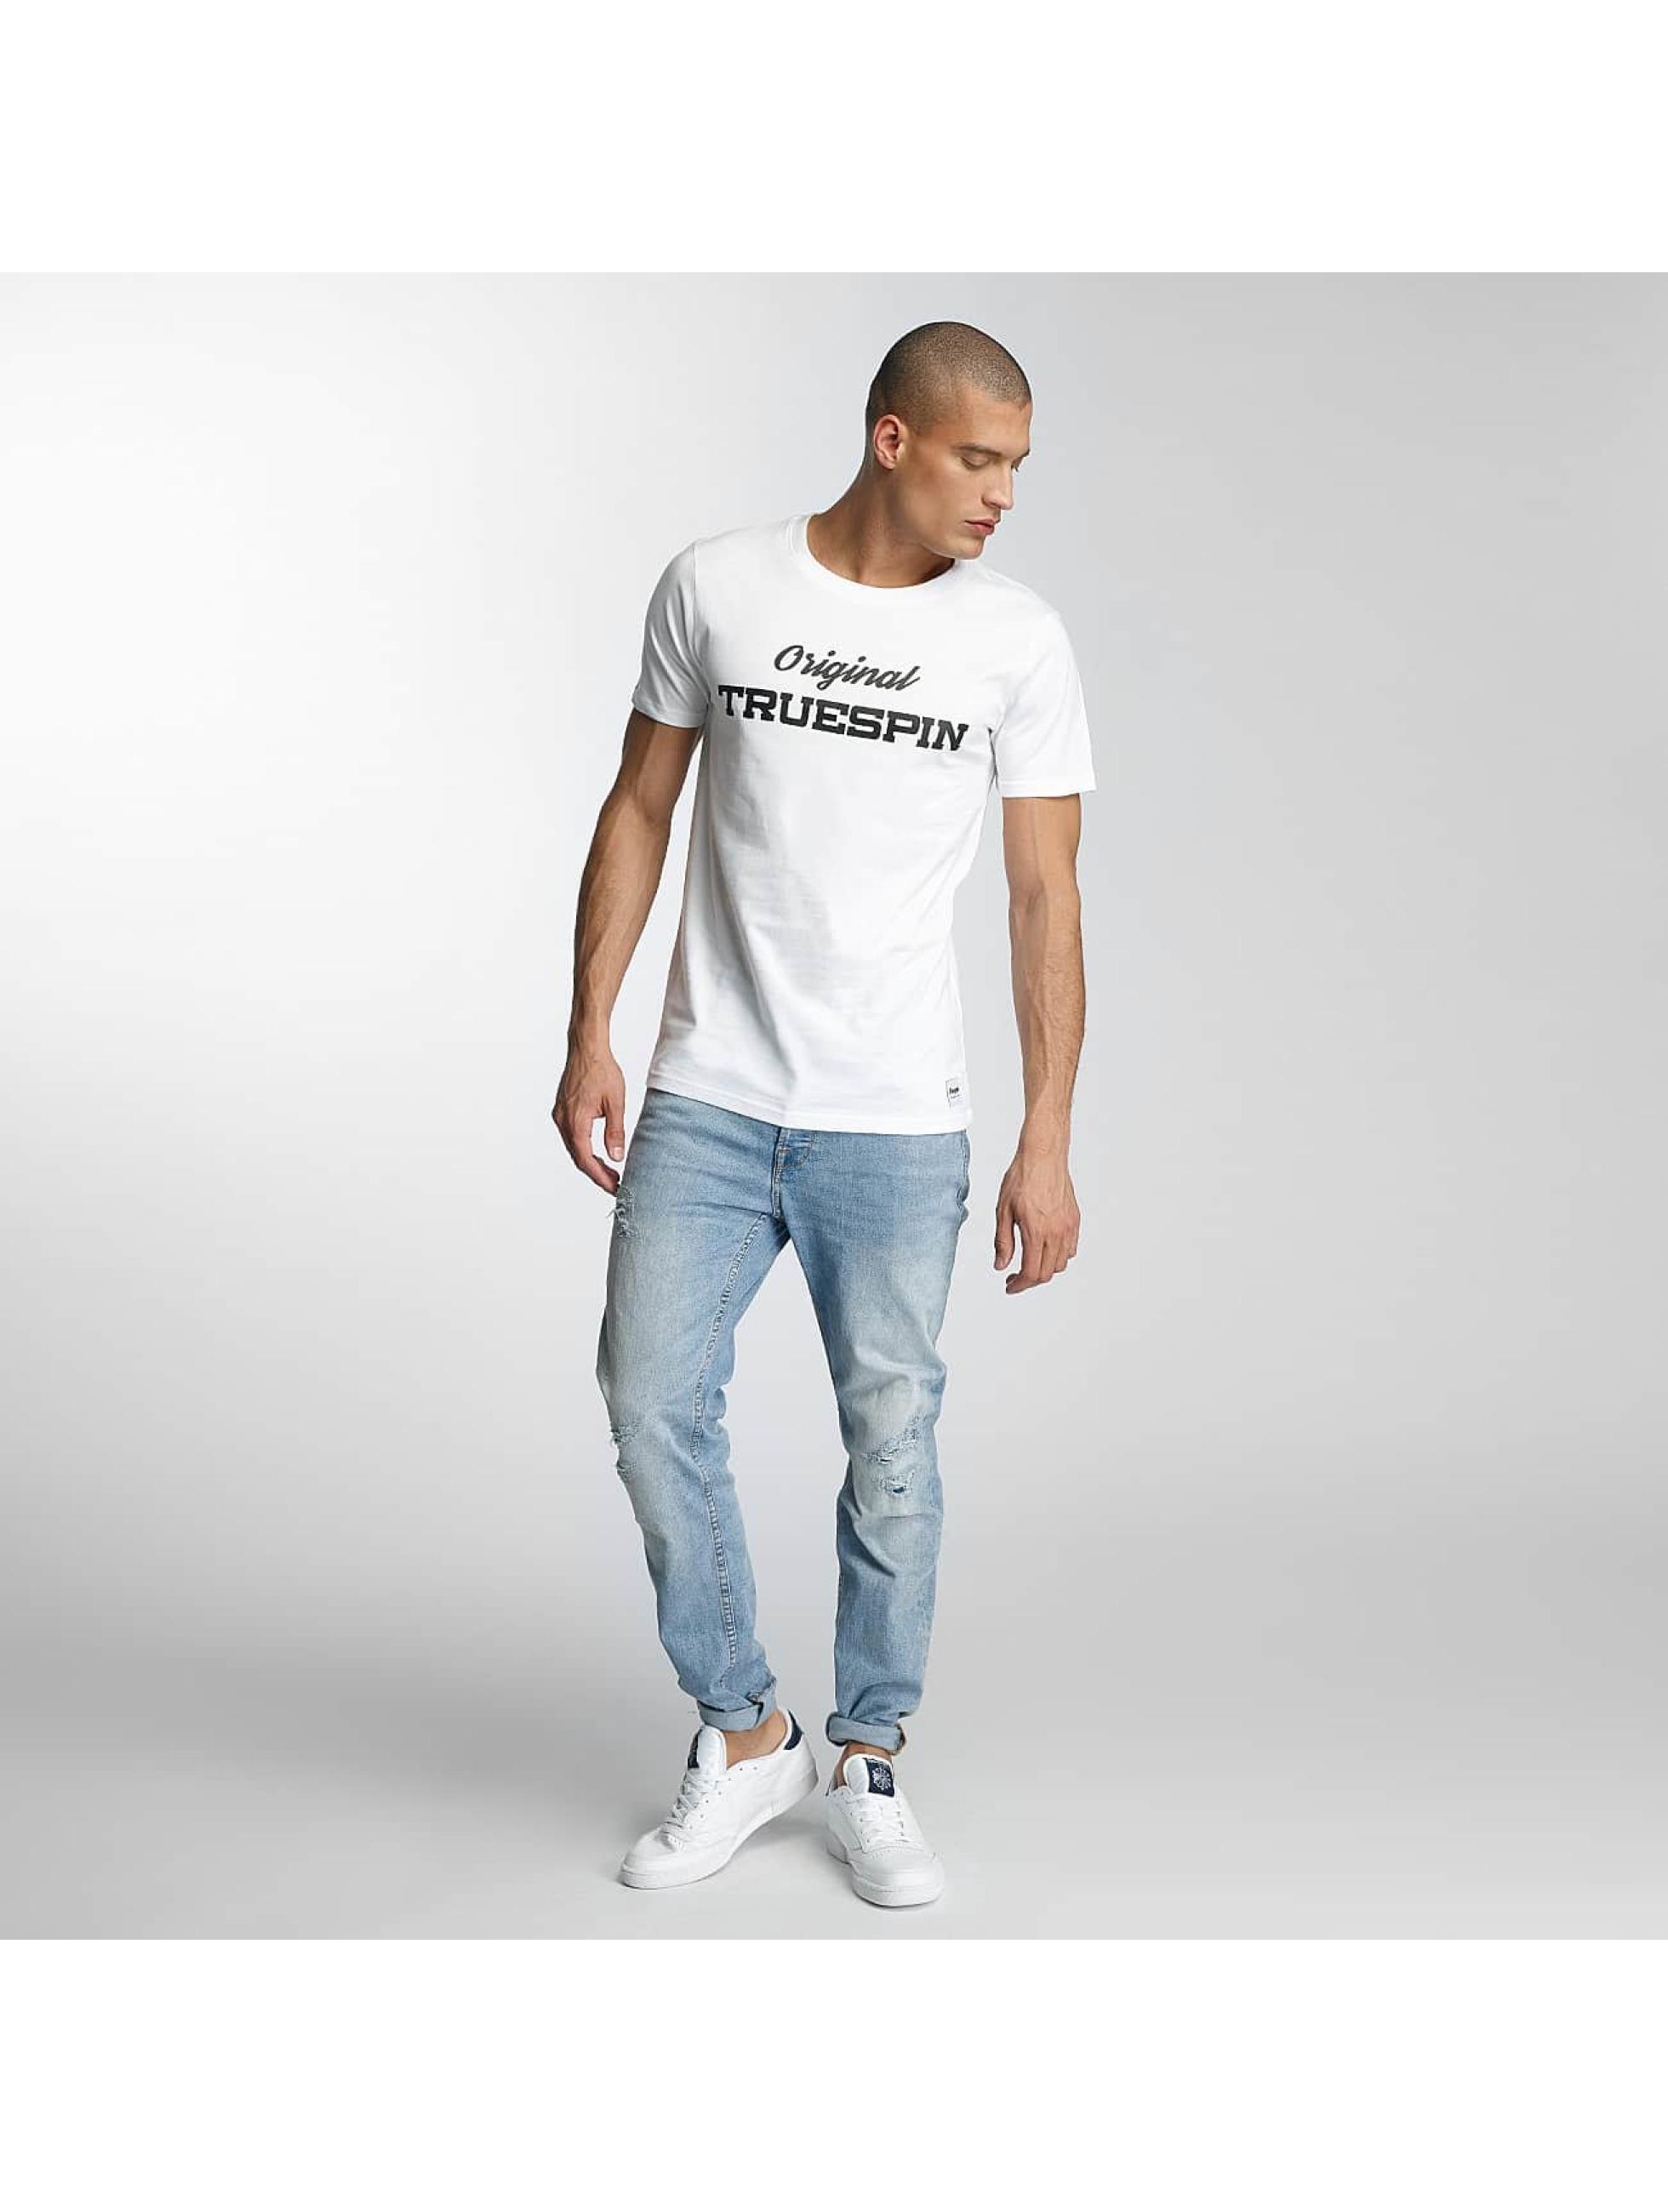 TrueSpin T-shirt 3 bianco